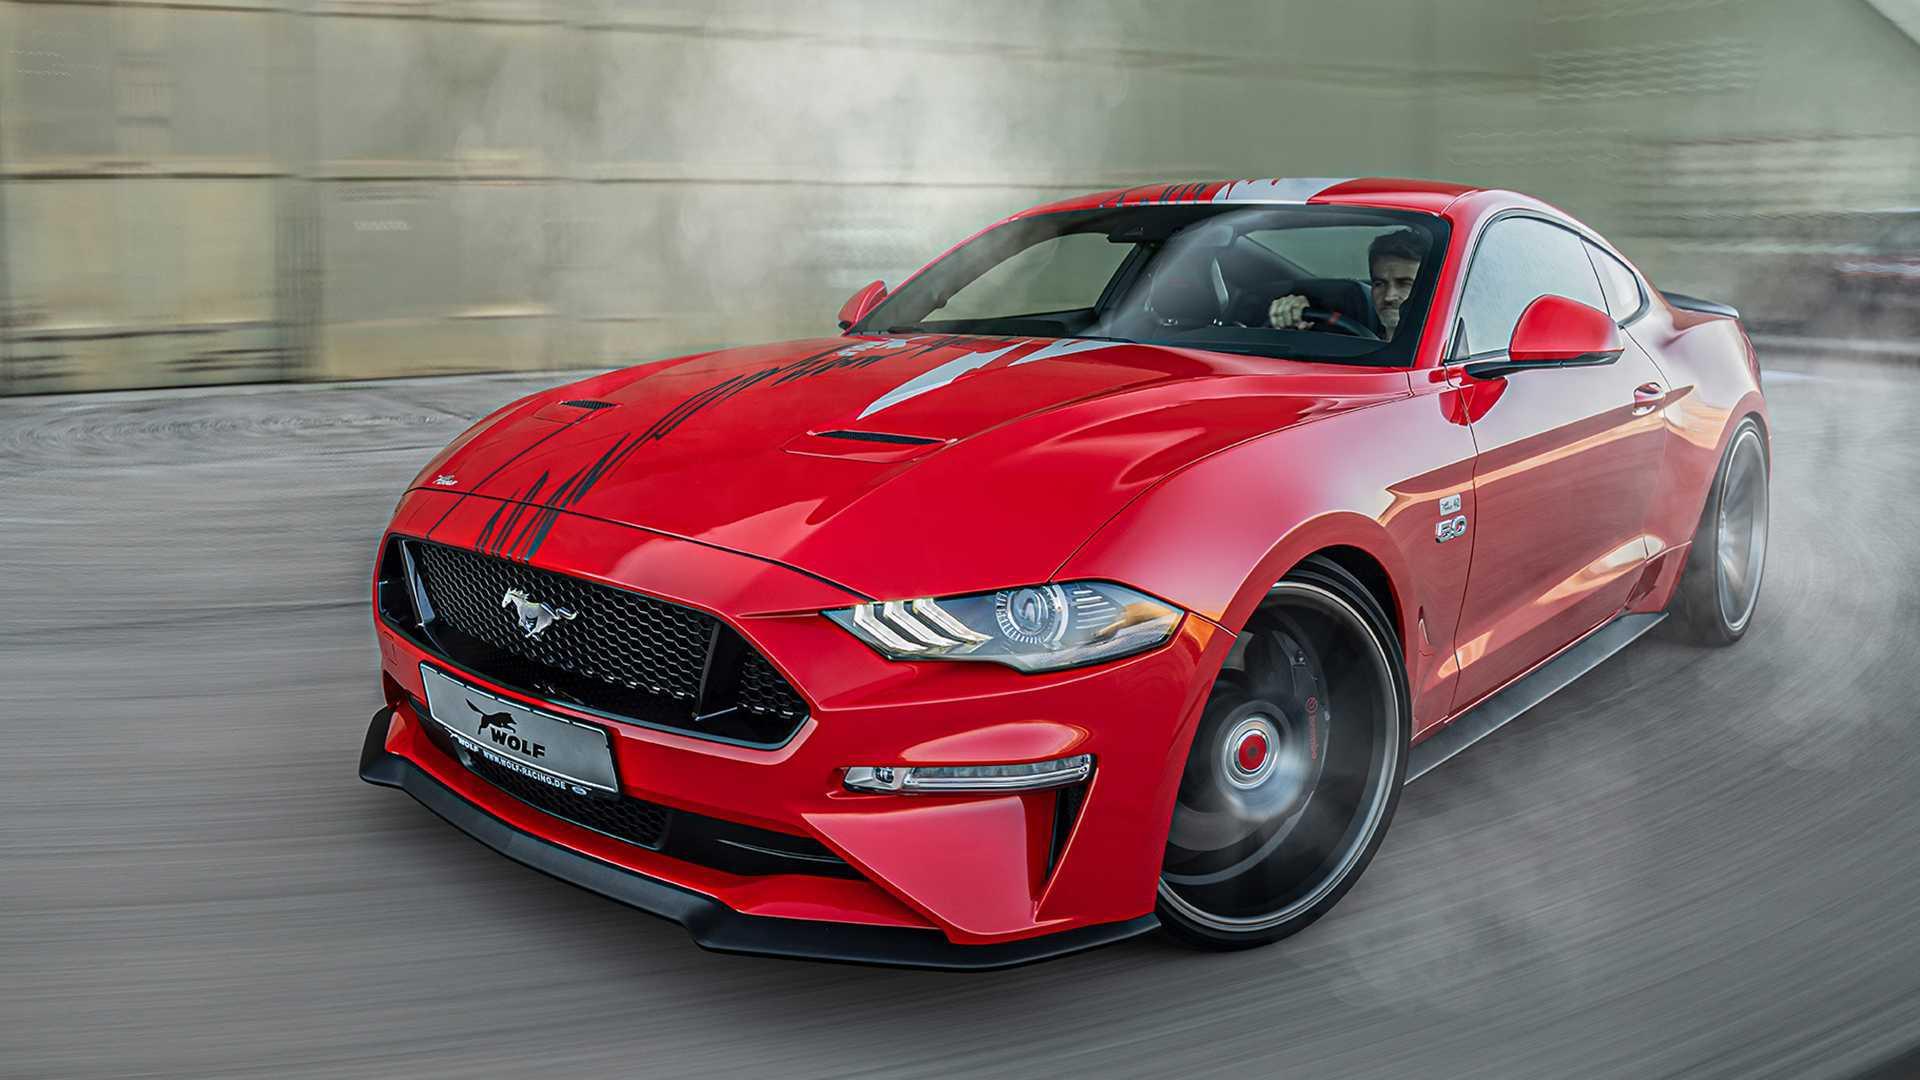 Ford Mustang được nâng cấp với gói độ mạnh mẽ hơn 700 mã lực Ảnh 1